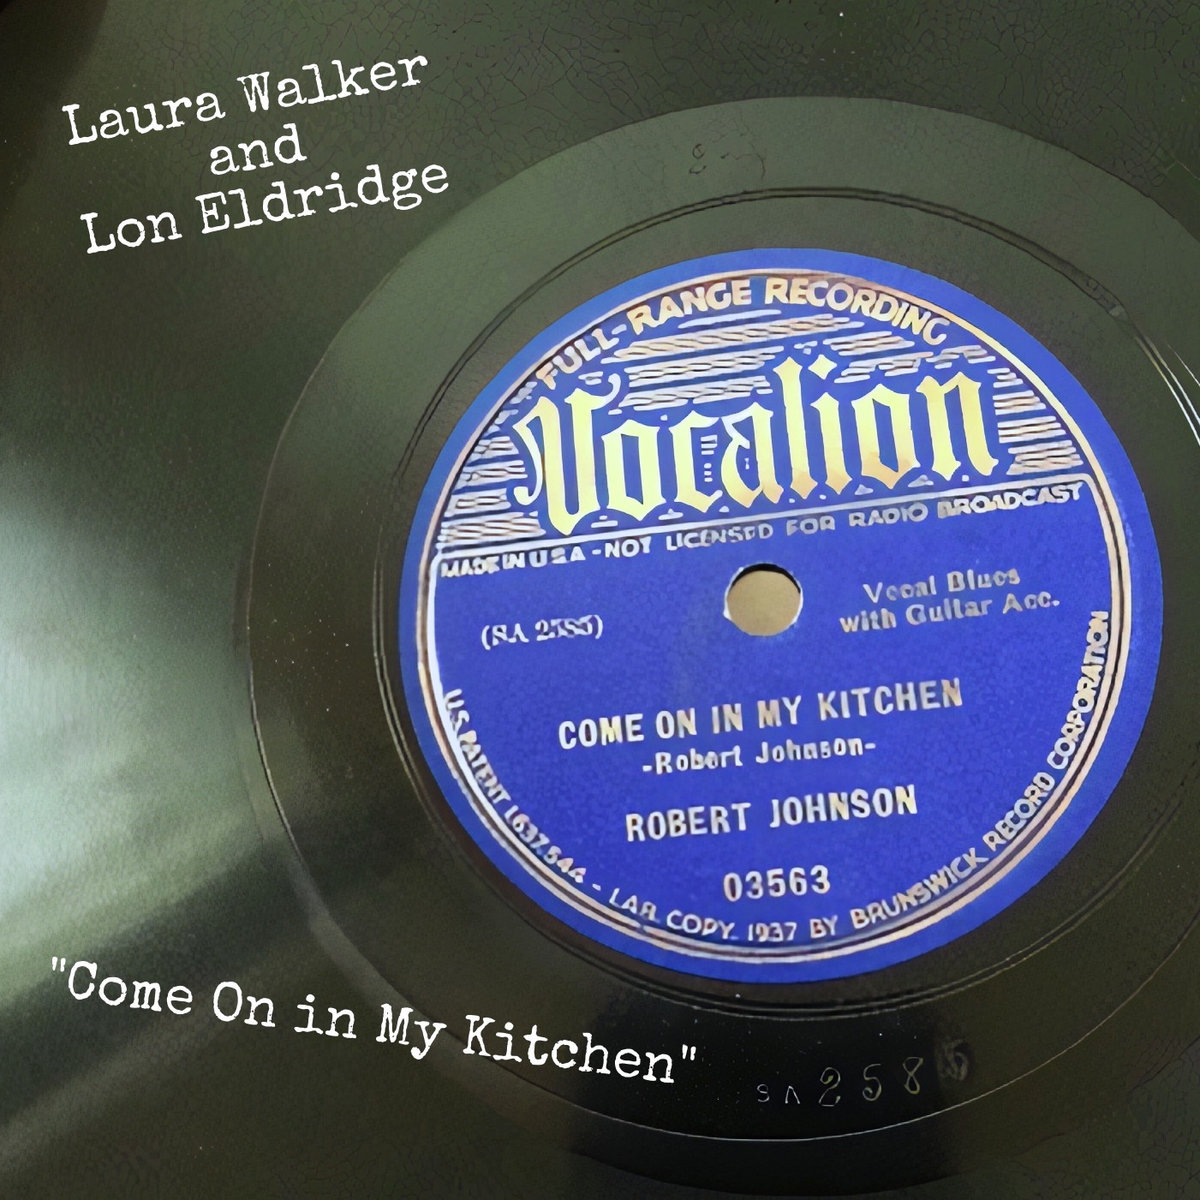 Come On in My Kitchen by Laura Walker & Lon Eldridge